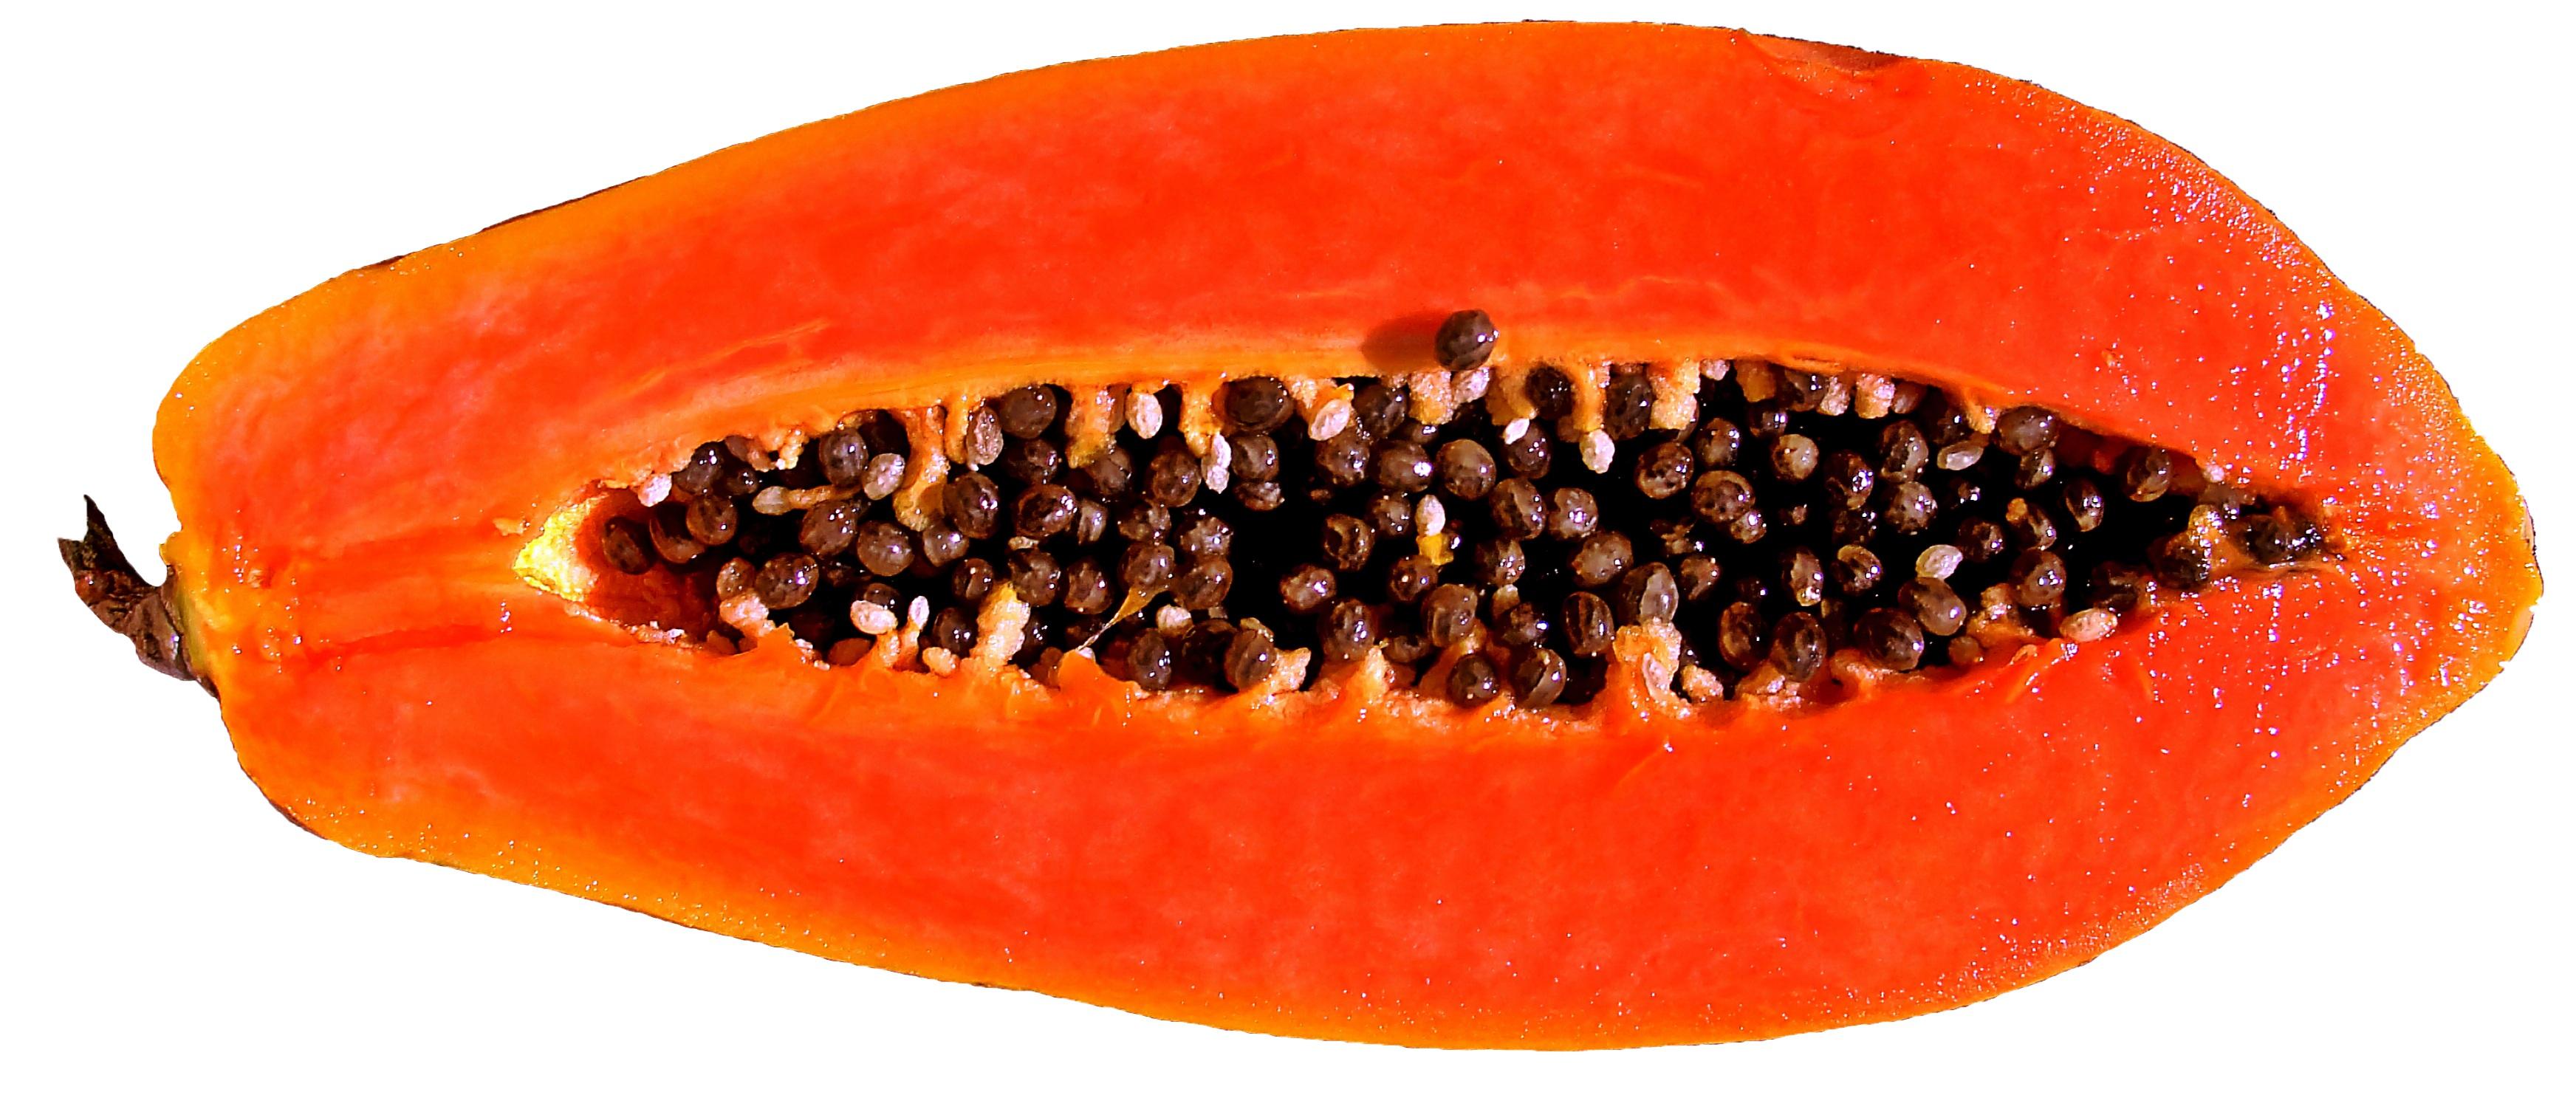 papaya png - HD3488×1483